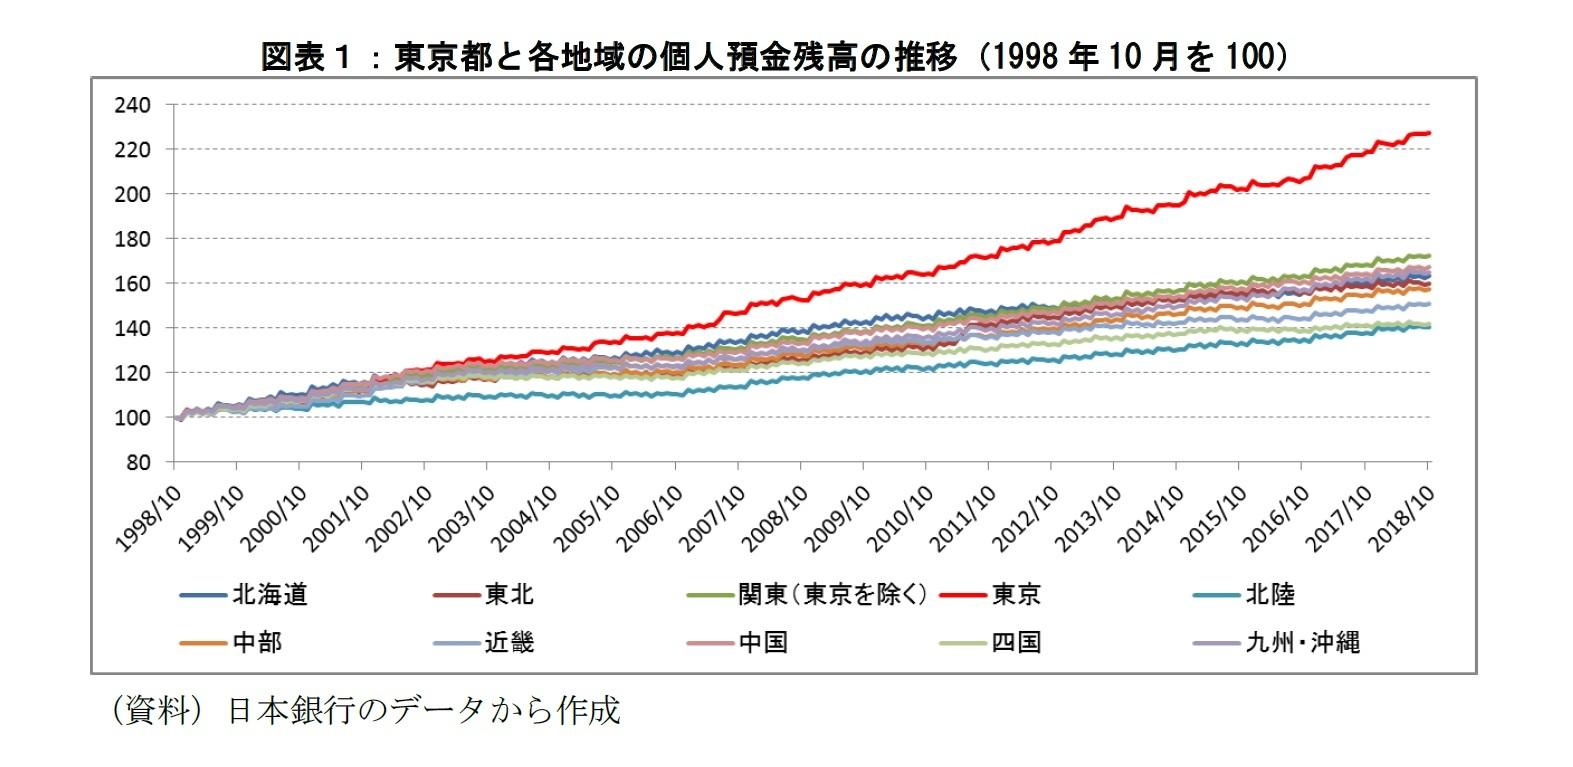 図表1:東京都と各地域の個人預金残高の推移